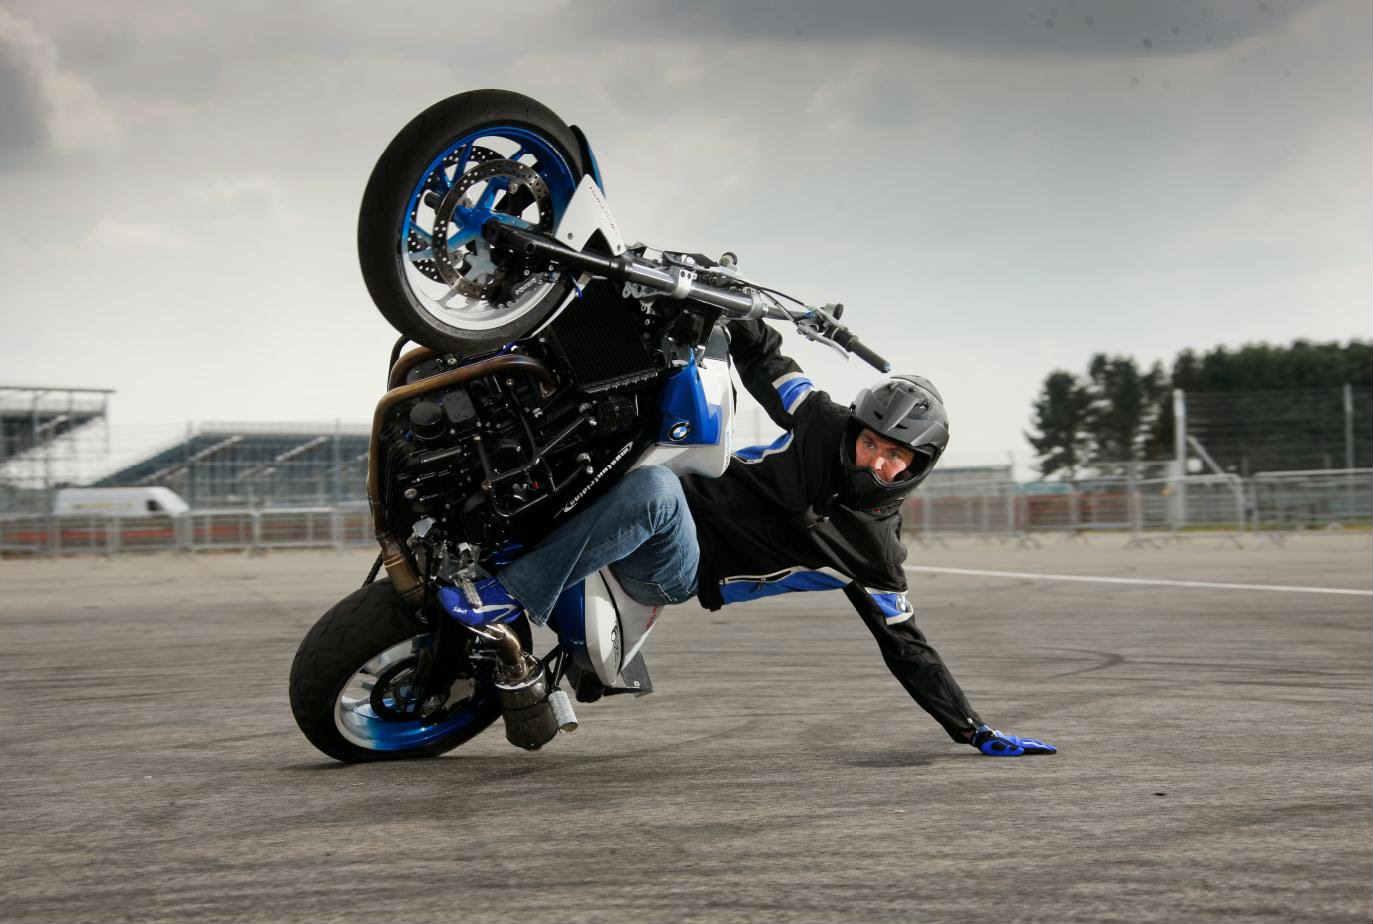 Sujeto tiene erección de 9 días por accidente en motocicleta